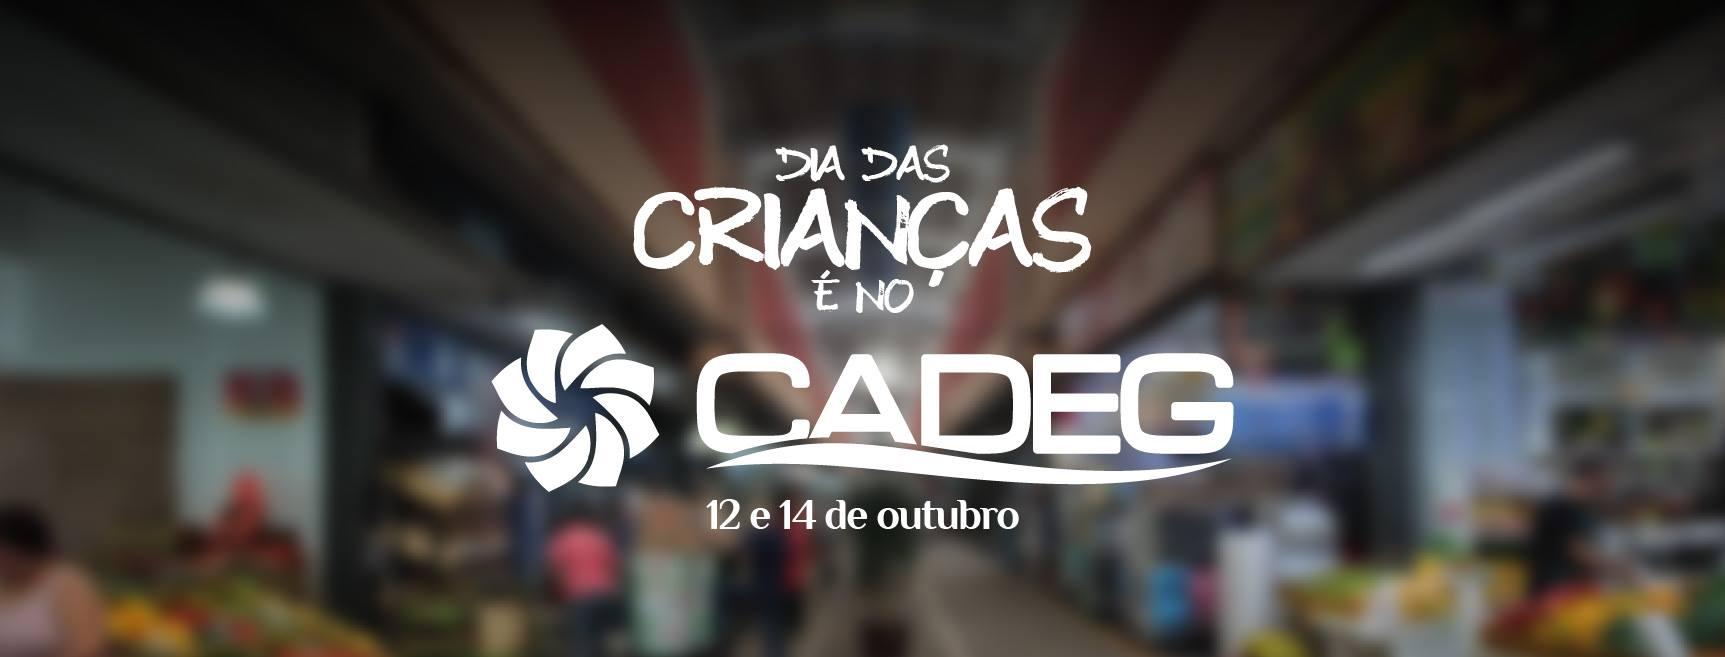 cadeg_diadascriancas